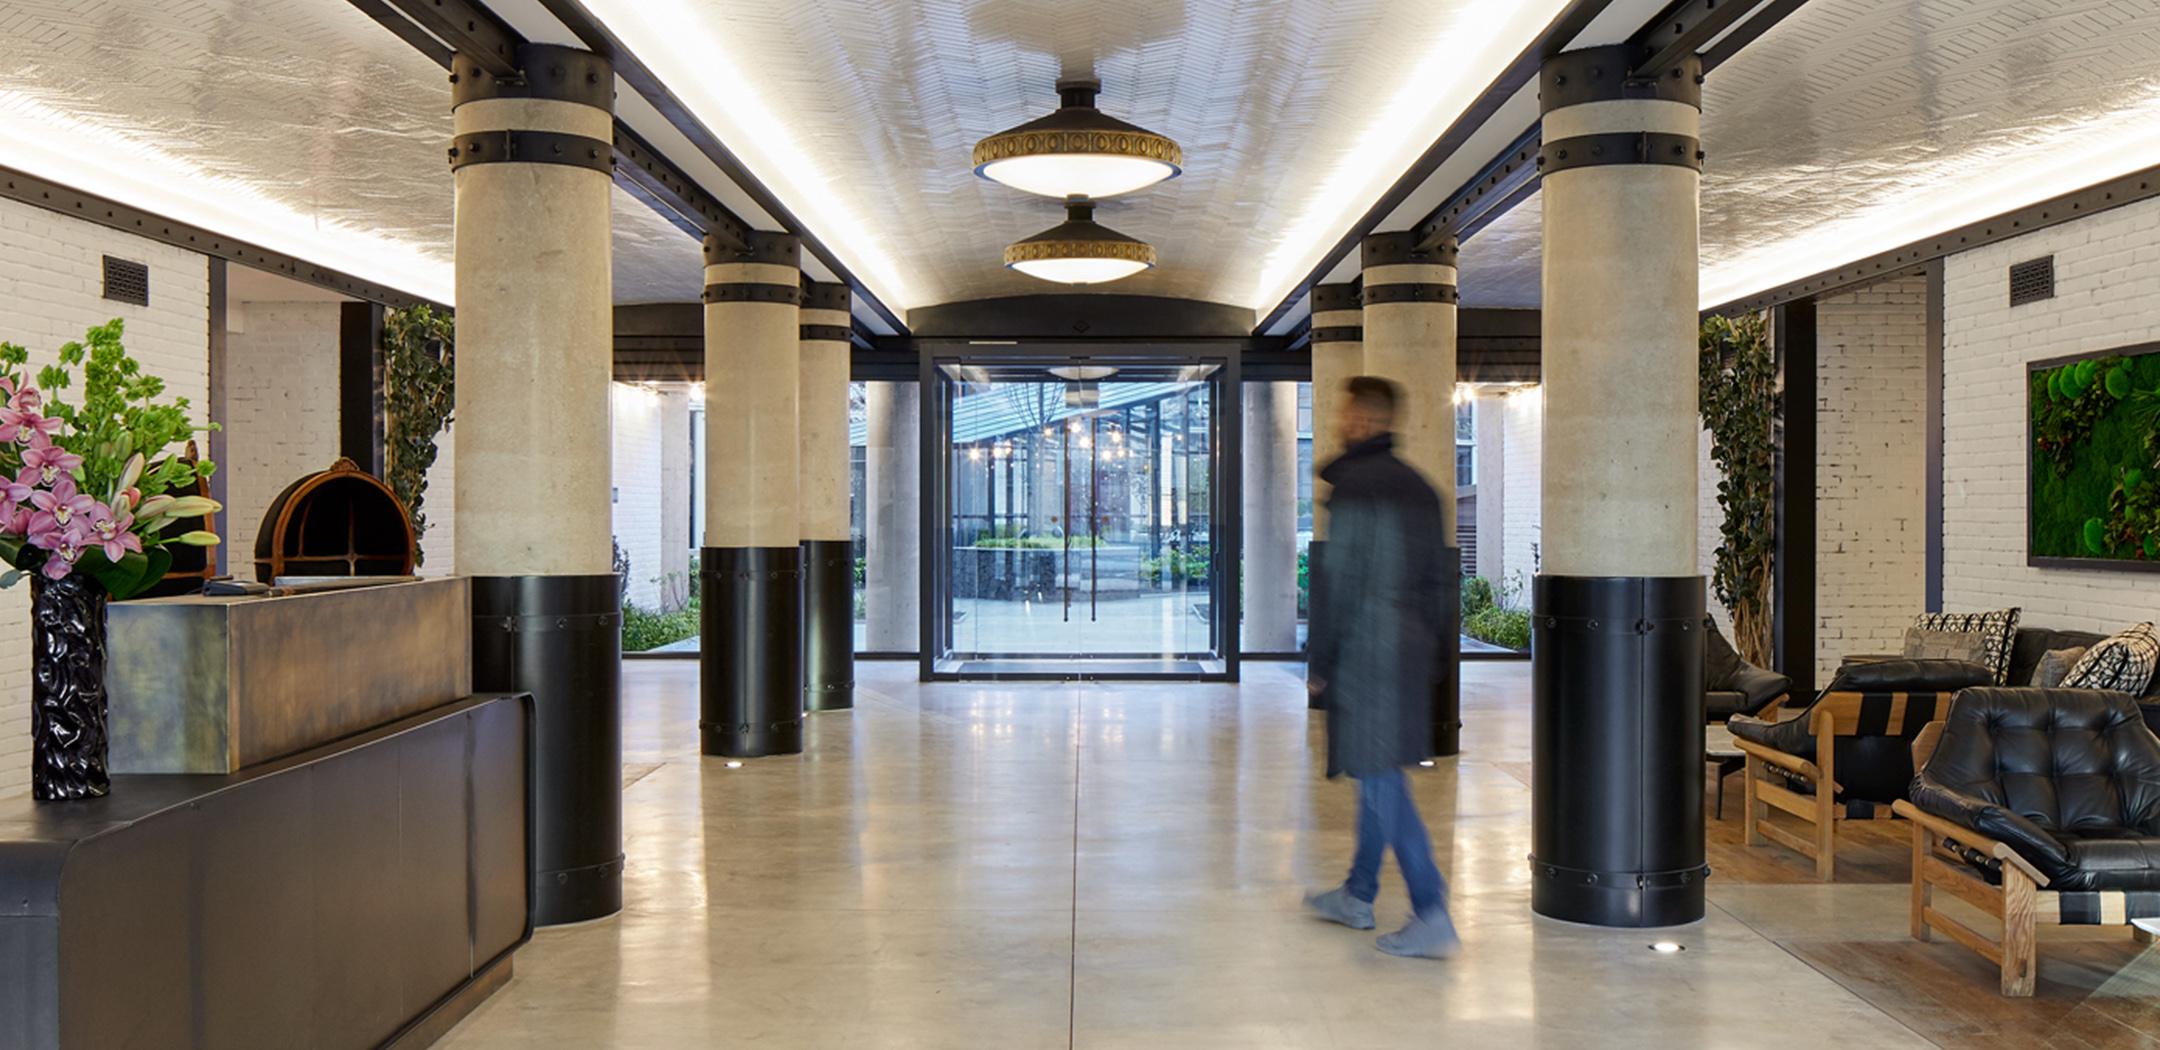 ARC lobby